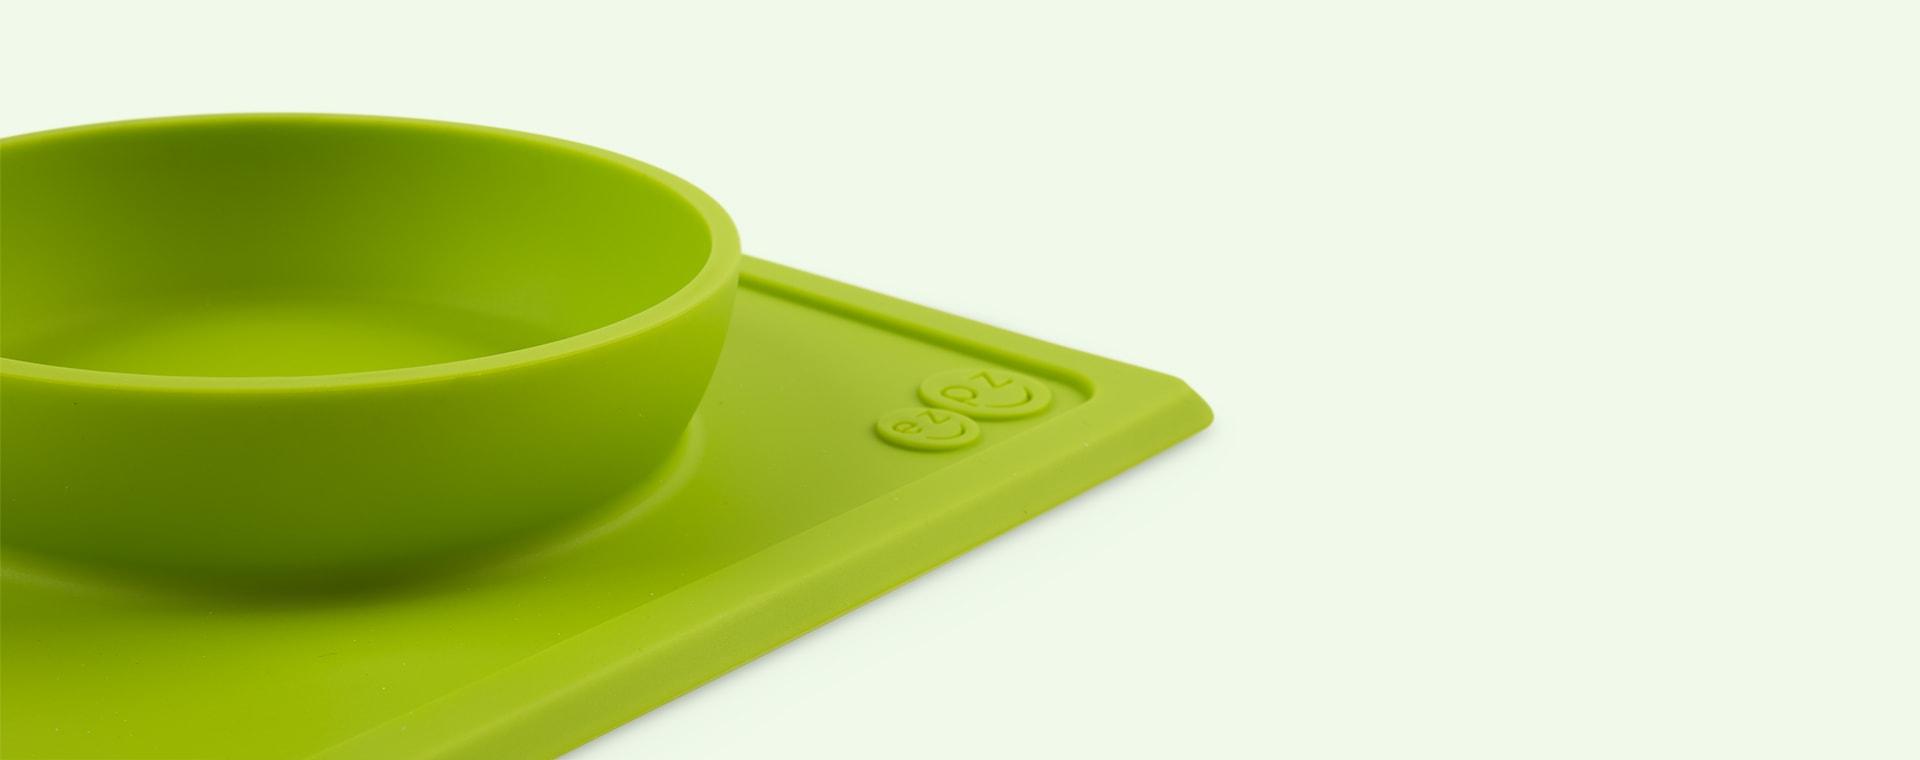 Lime EZPZ Mini Bowl